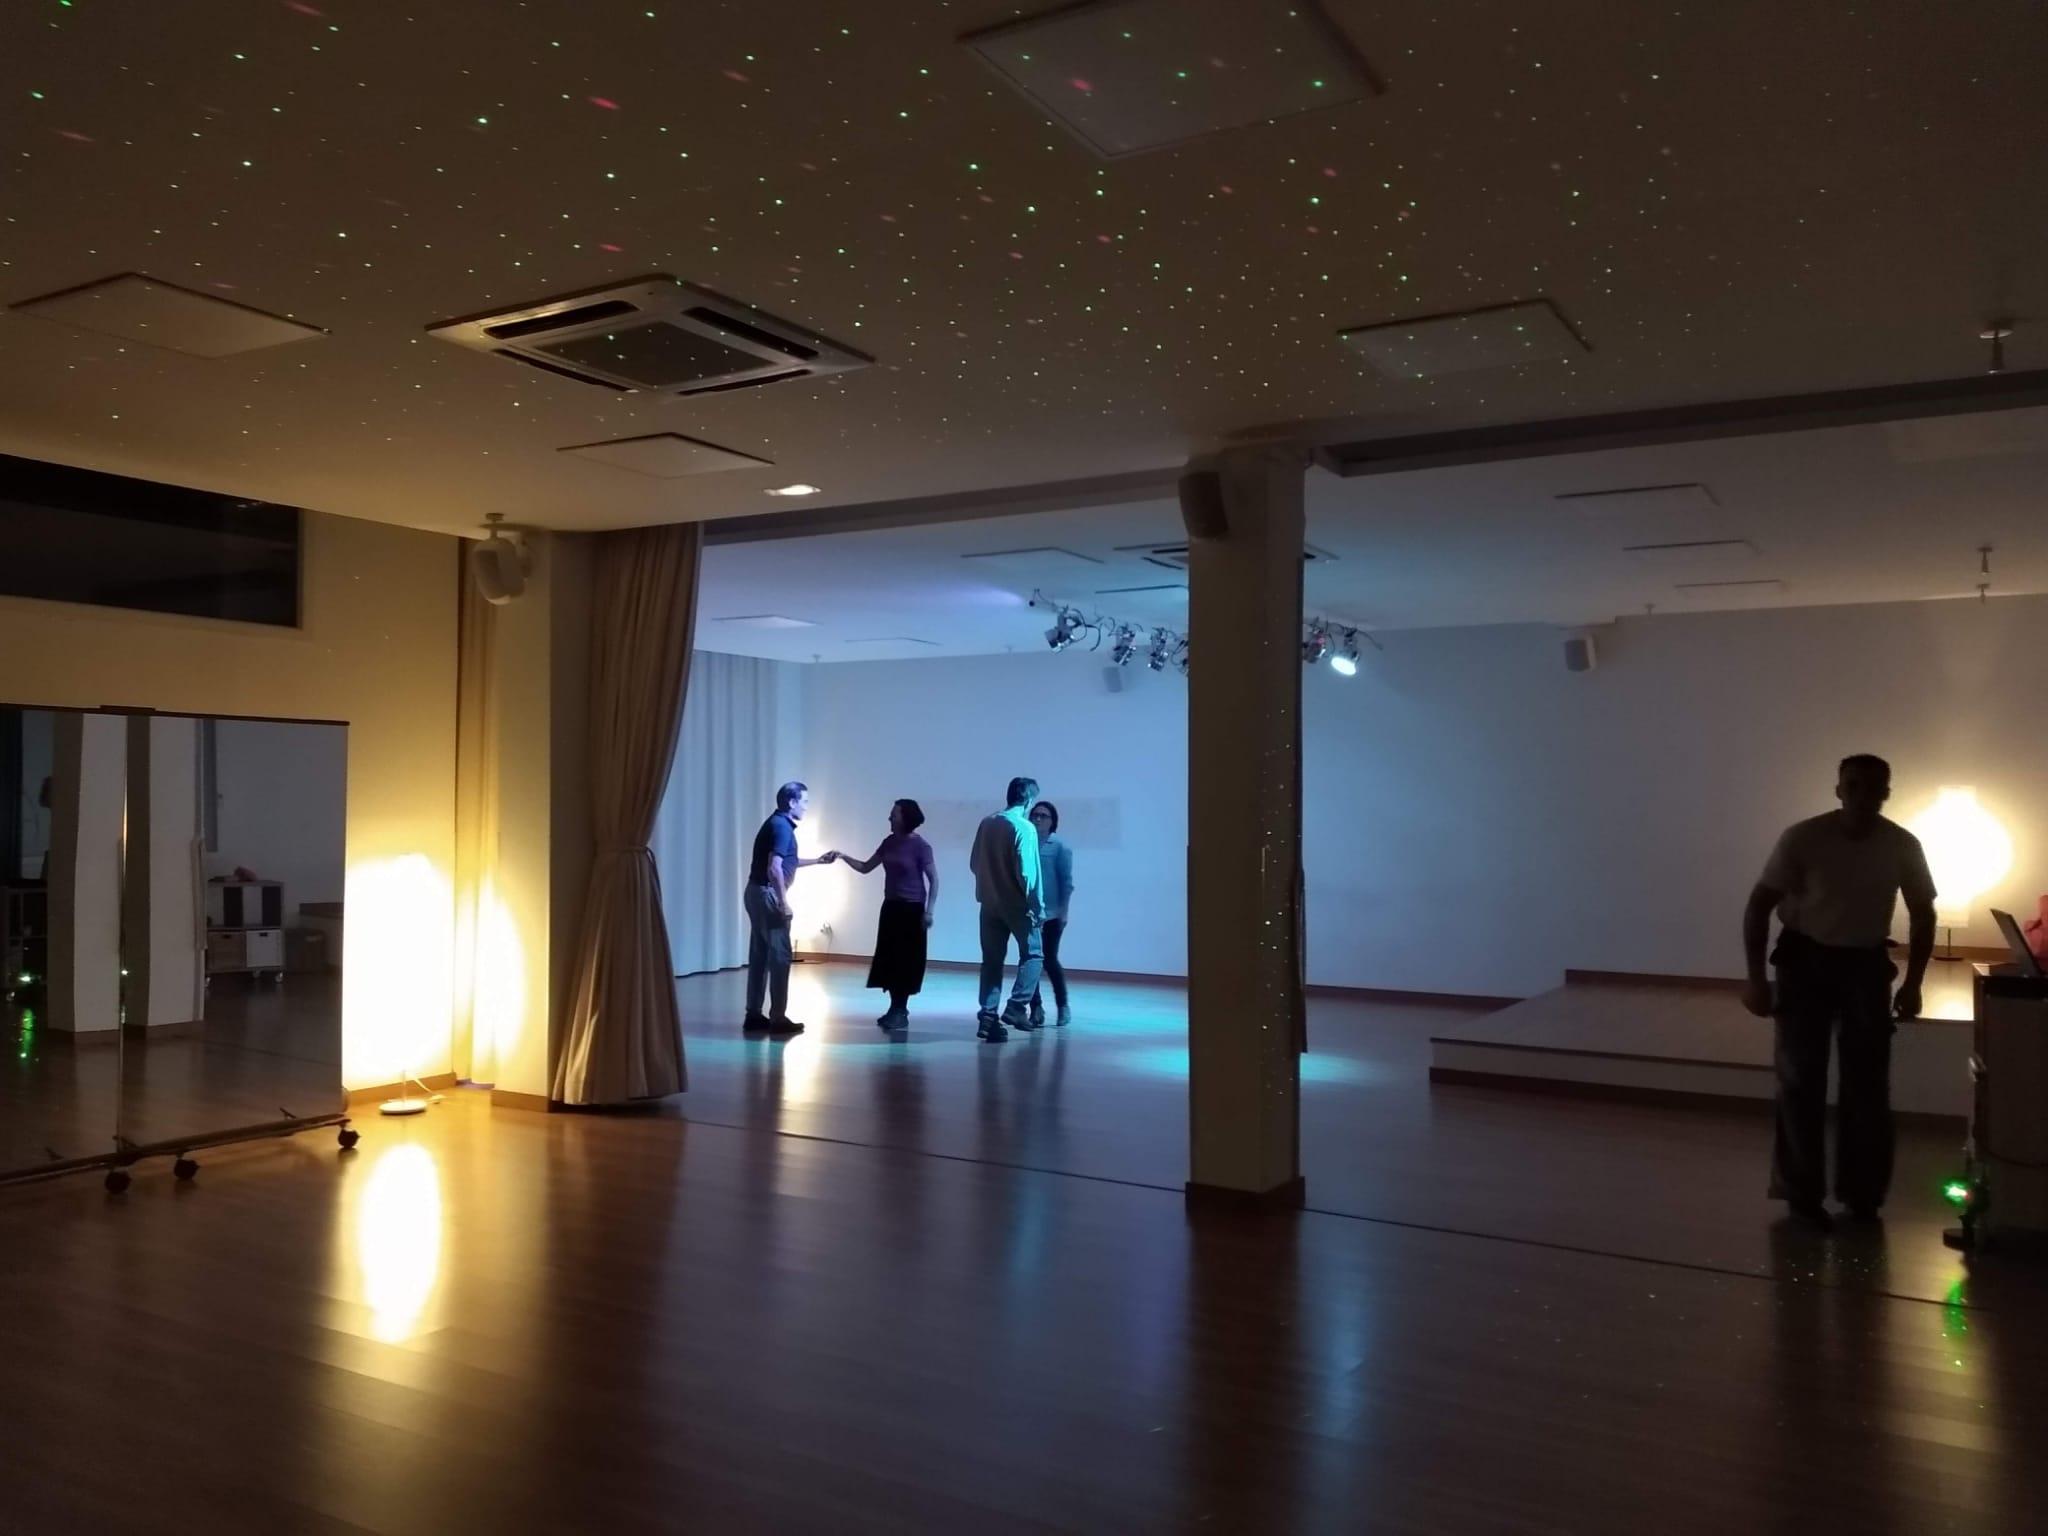 Espacio de baile